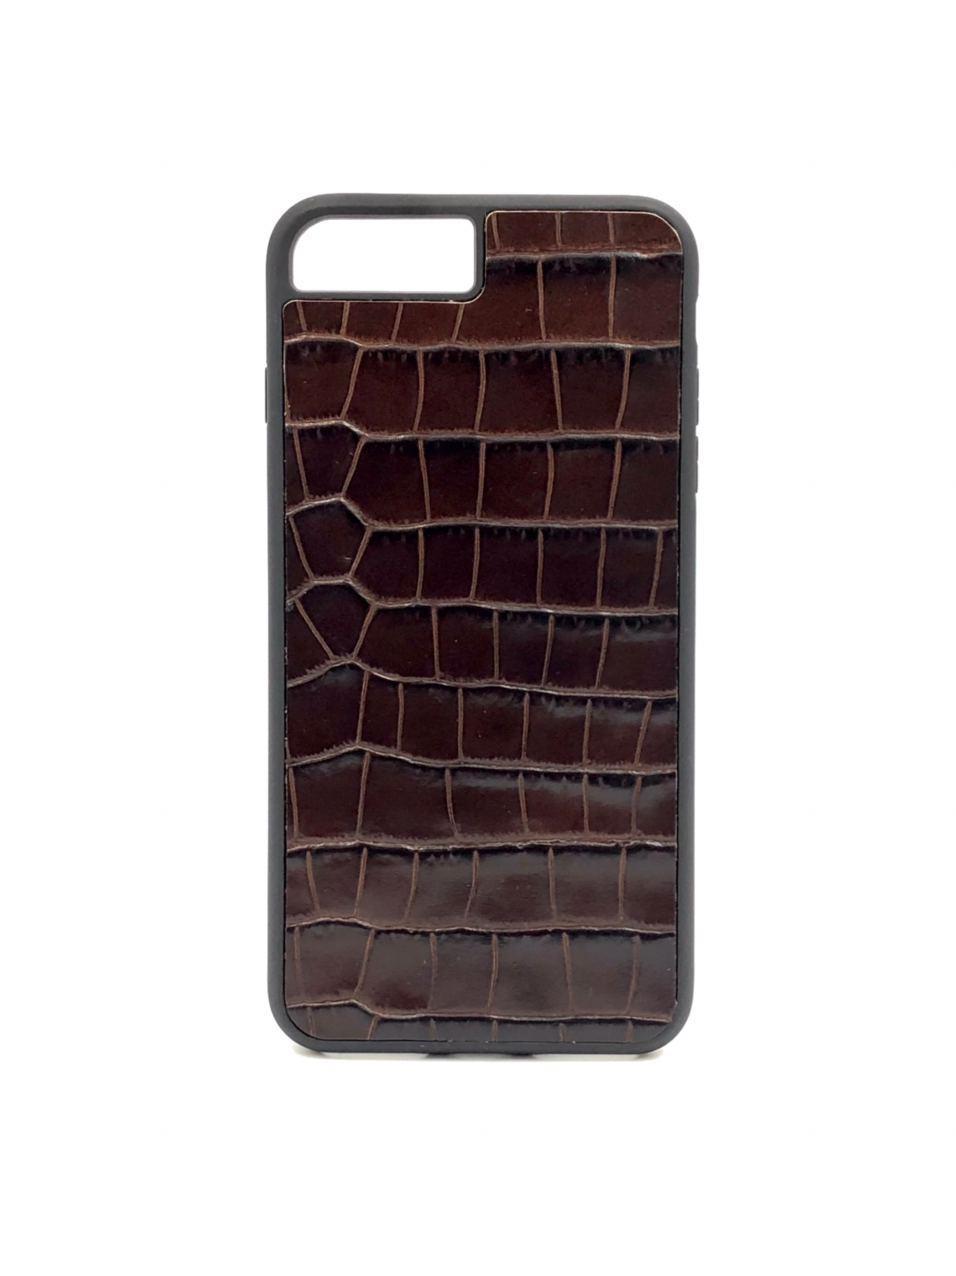 Чехол для iPhone 7+/8+ коричневого цвета из Телячьей кожи тиснёной под Крокодила